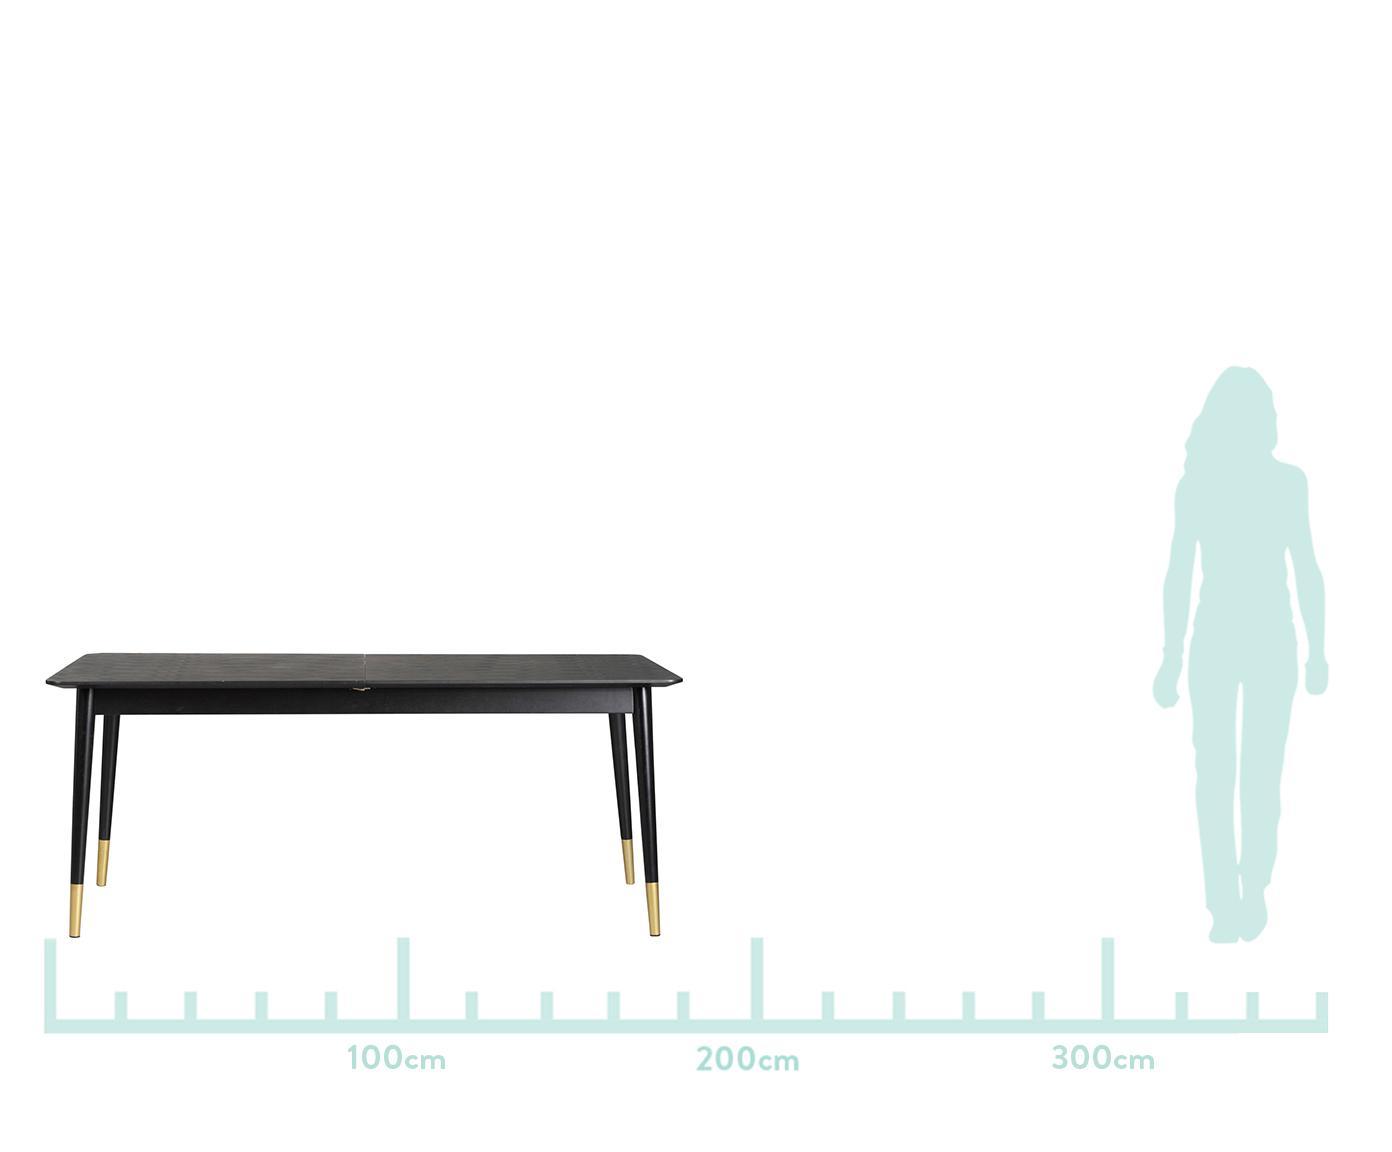 Tavolo allungabile con finitura in quercia Fenwood, Piano d'appoggio: pannelli di fibra a media, Gambe: legno di quercia, massell, Nero, ottonato, Larg. 180 a 260 x Prof. 90 cm